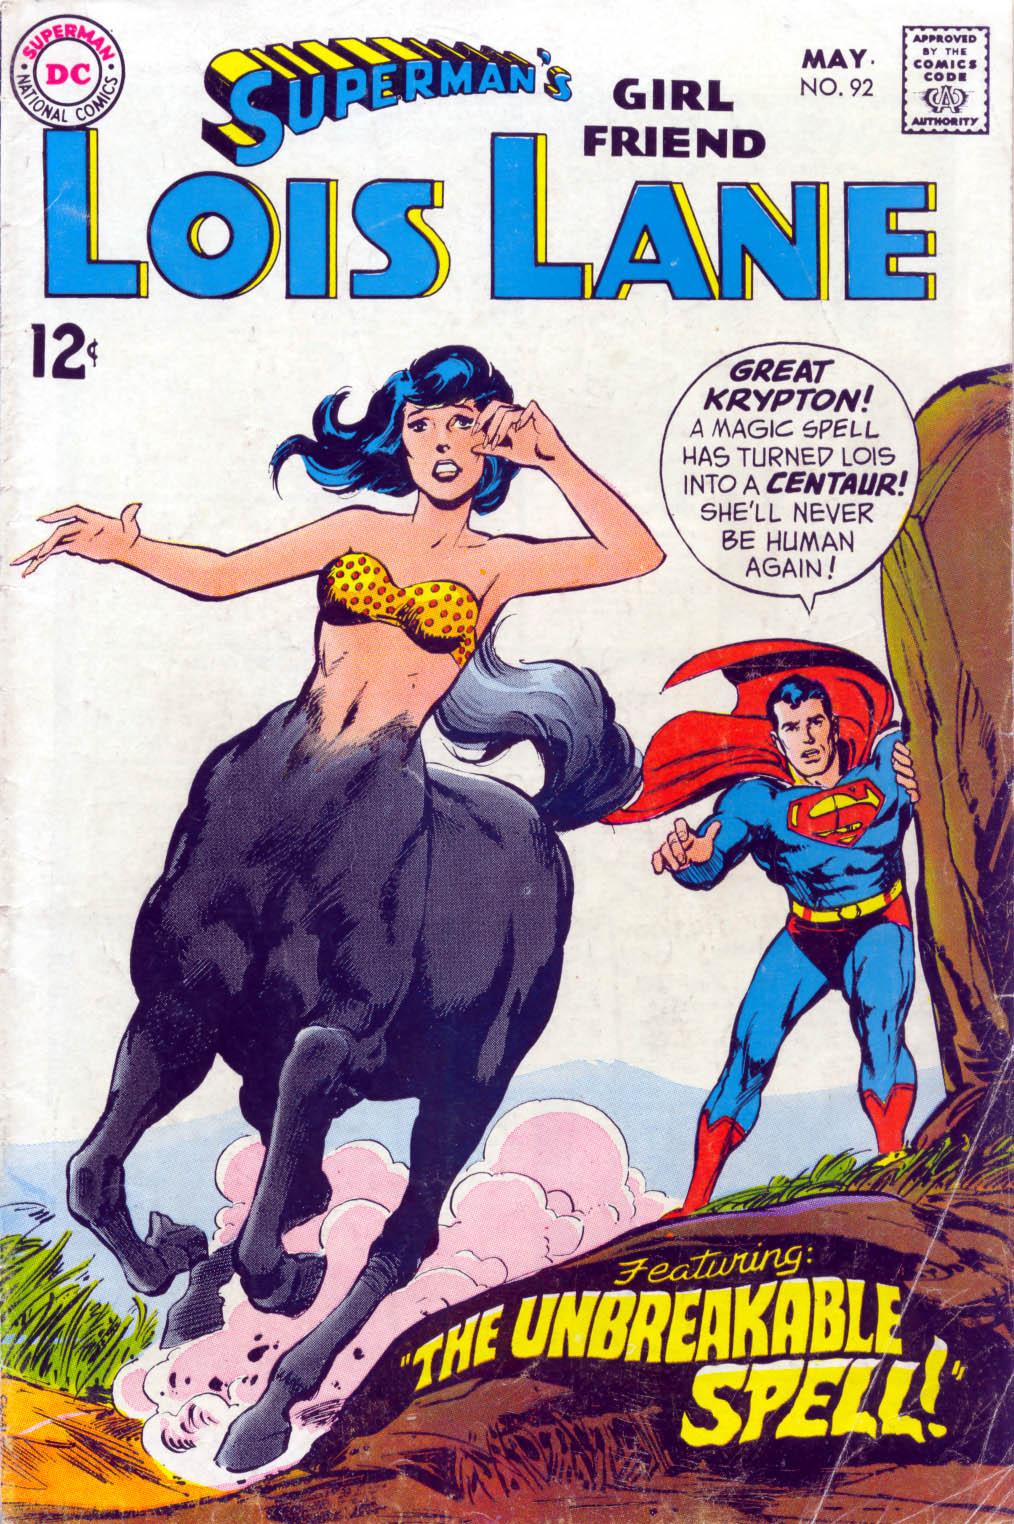 Supermans Girl Friend, Lois Lane 92 Page 1